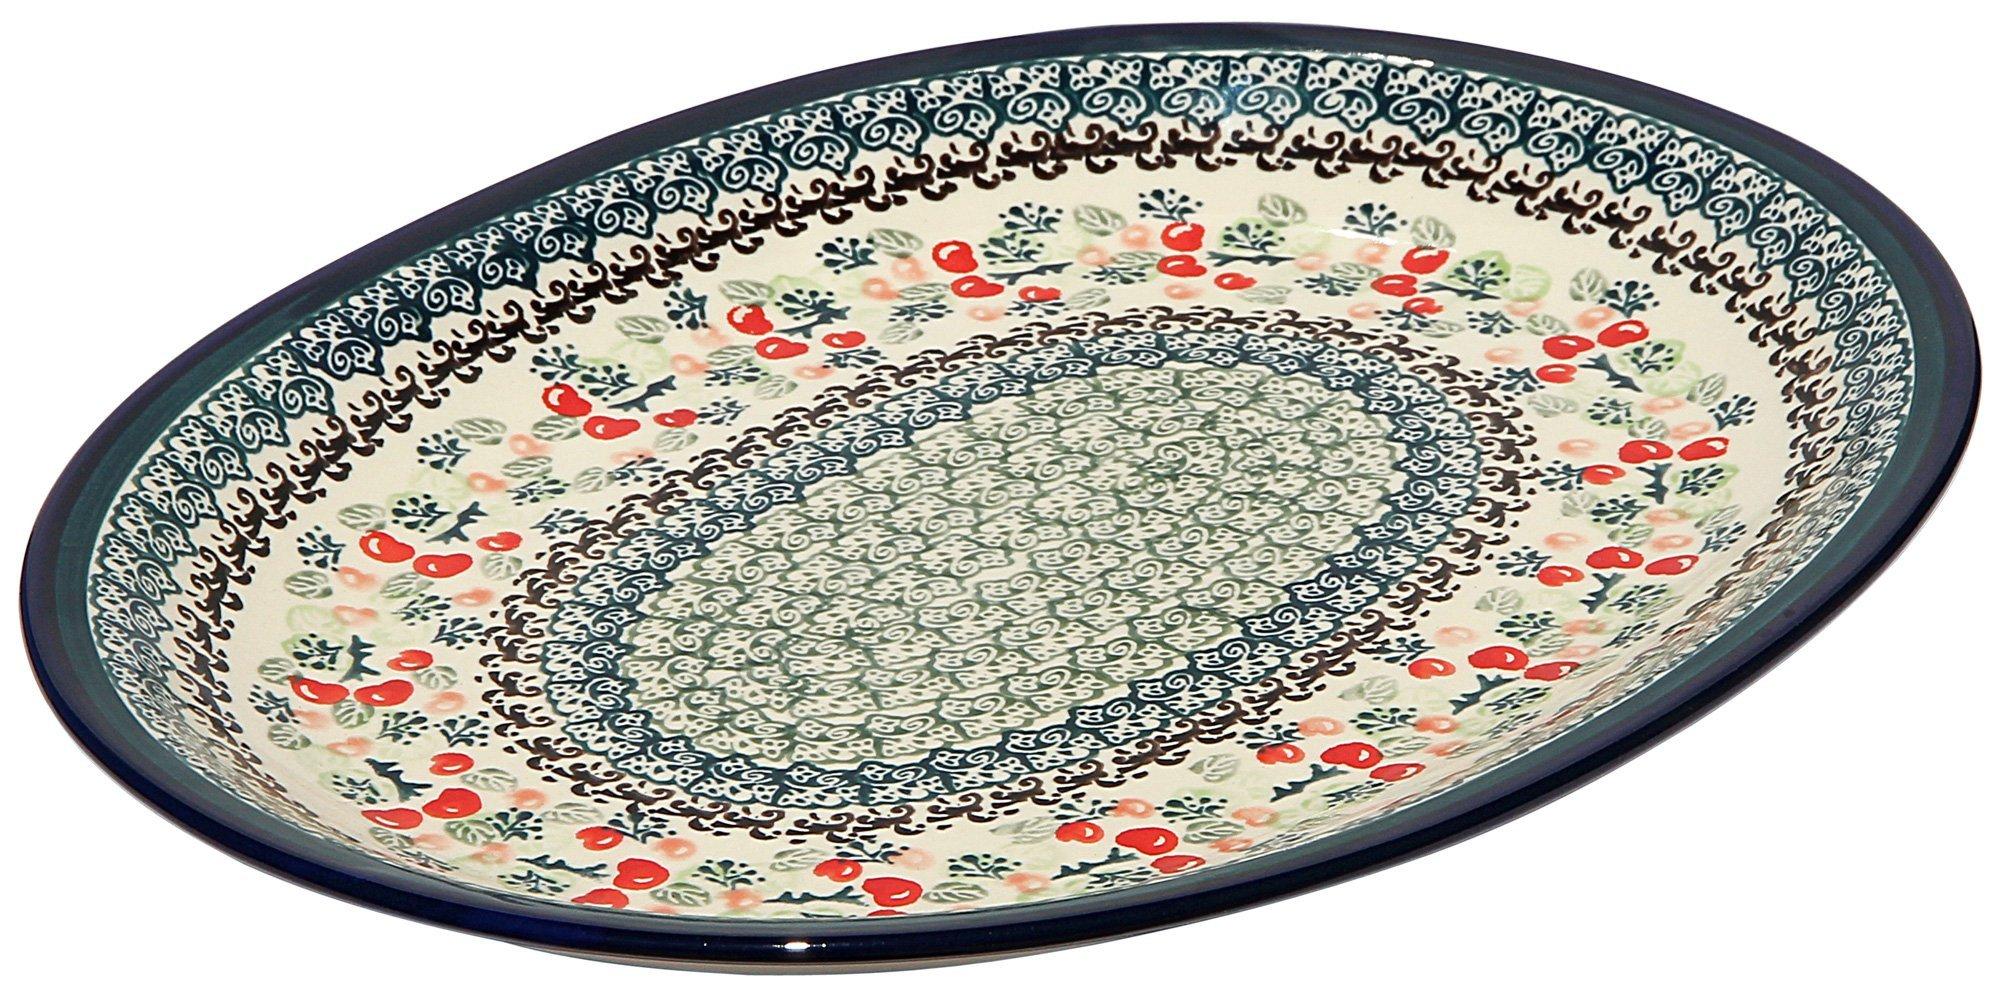 Polish Pottery Large Serving Platter Zaklady Ceramiczne Boleslawiec 1007-du158 Unikat